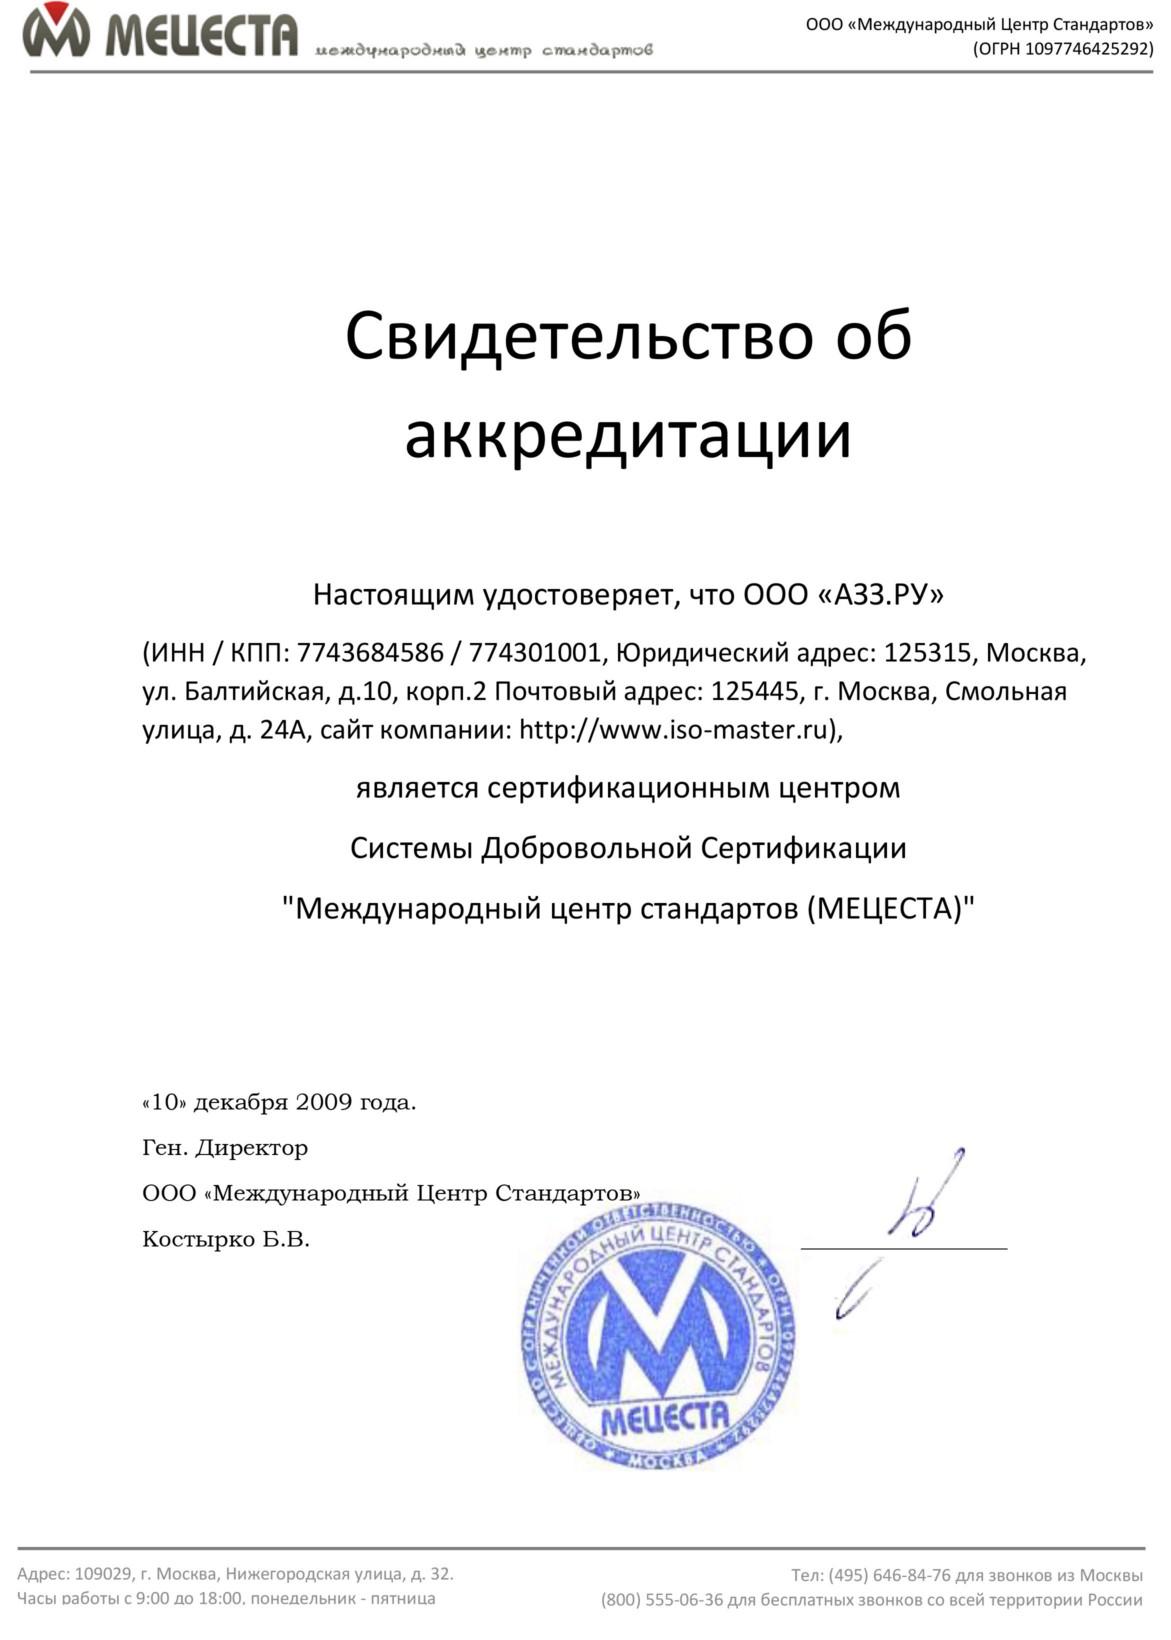 Мы являемся сертификационным центром - Системы Добровольной Сертификации